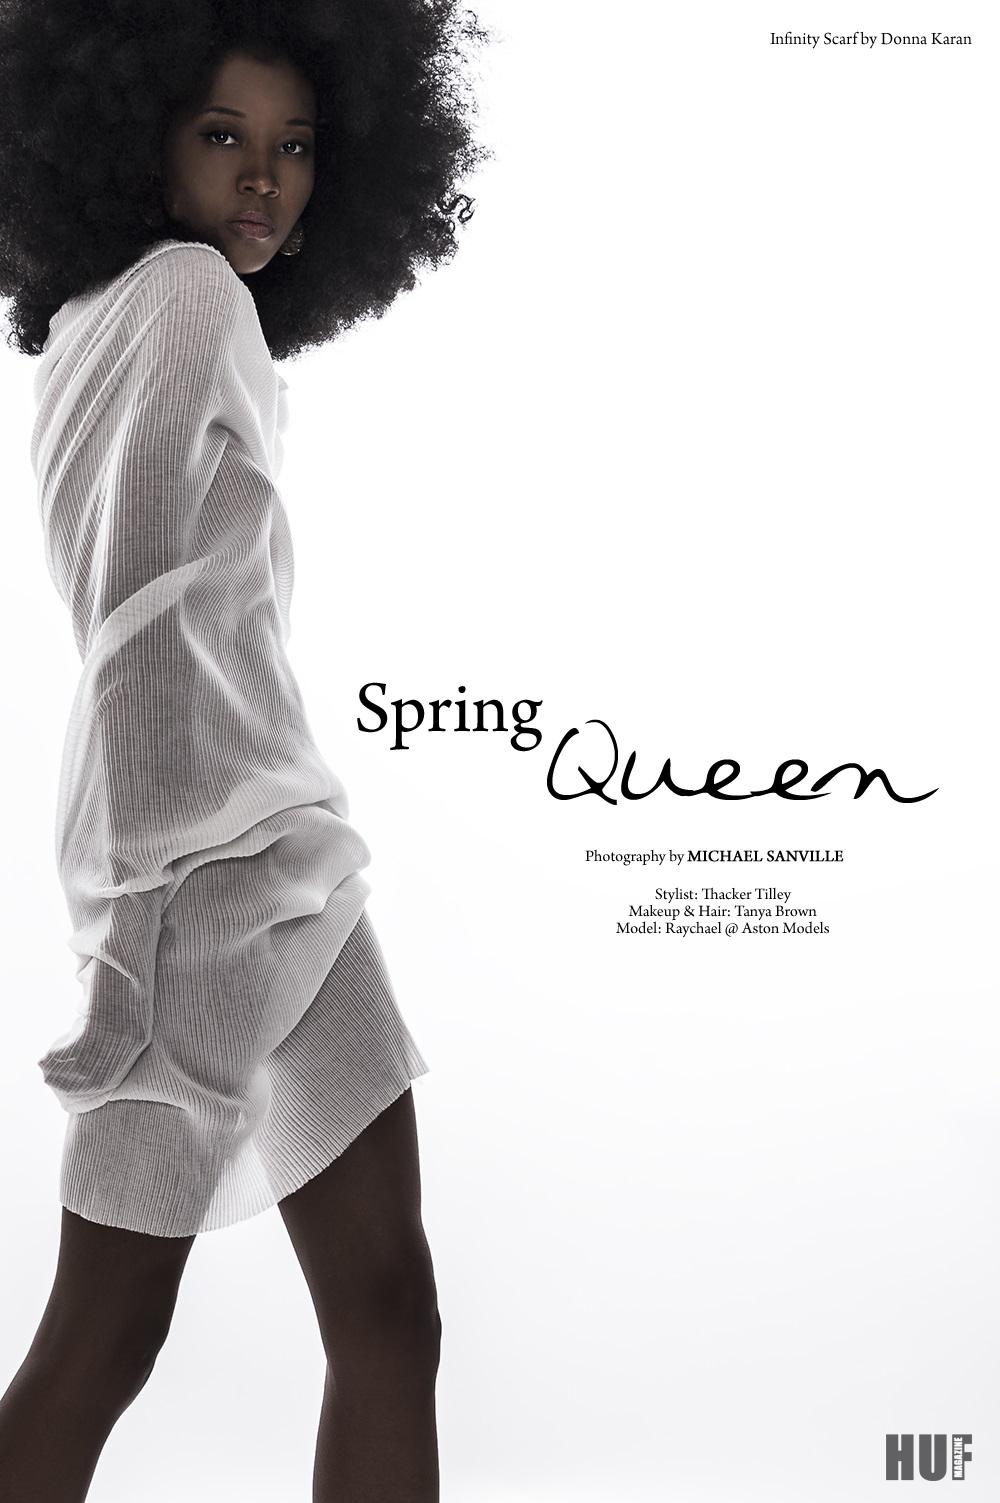 SpringQueen_MichaelSanville_HUFMag_01.jpg